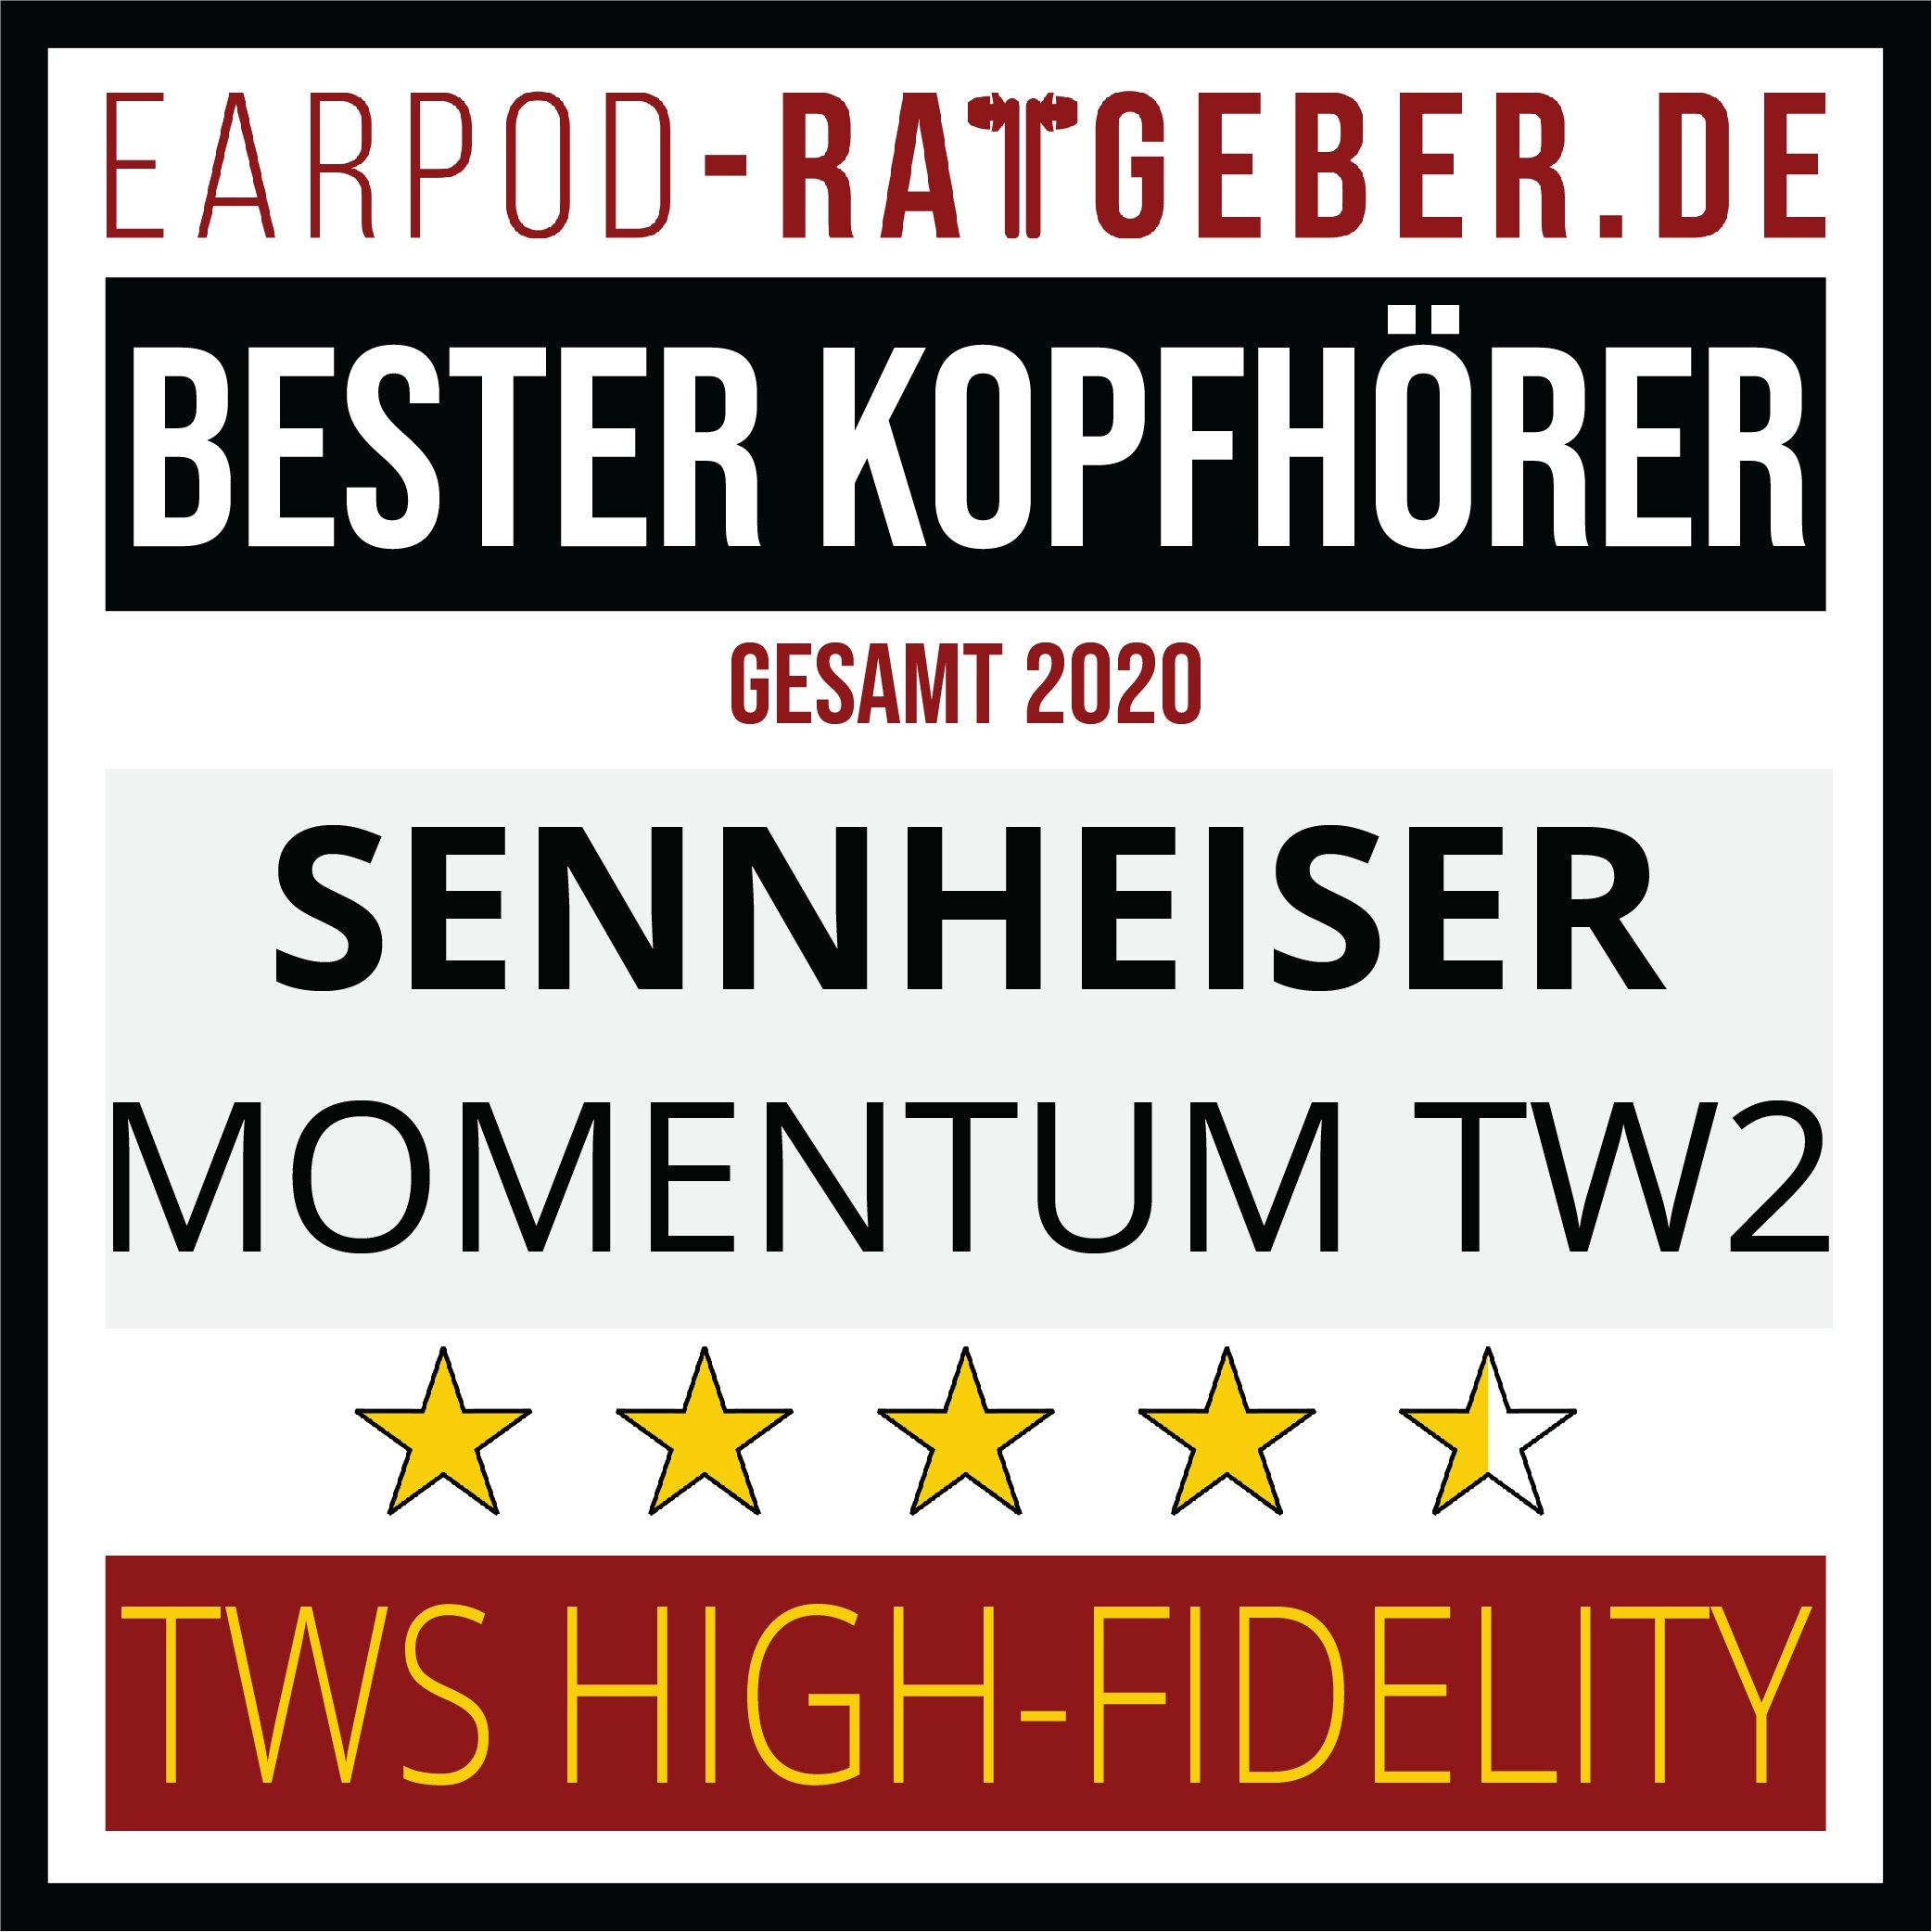 Die besten Kopfhörer 2020 Earpod-Ratgeber.de Awards Einsteiger Sennheiser Gesamt